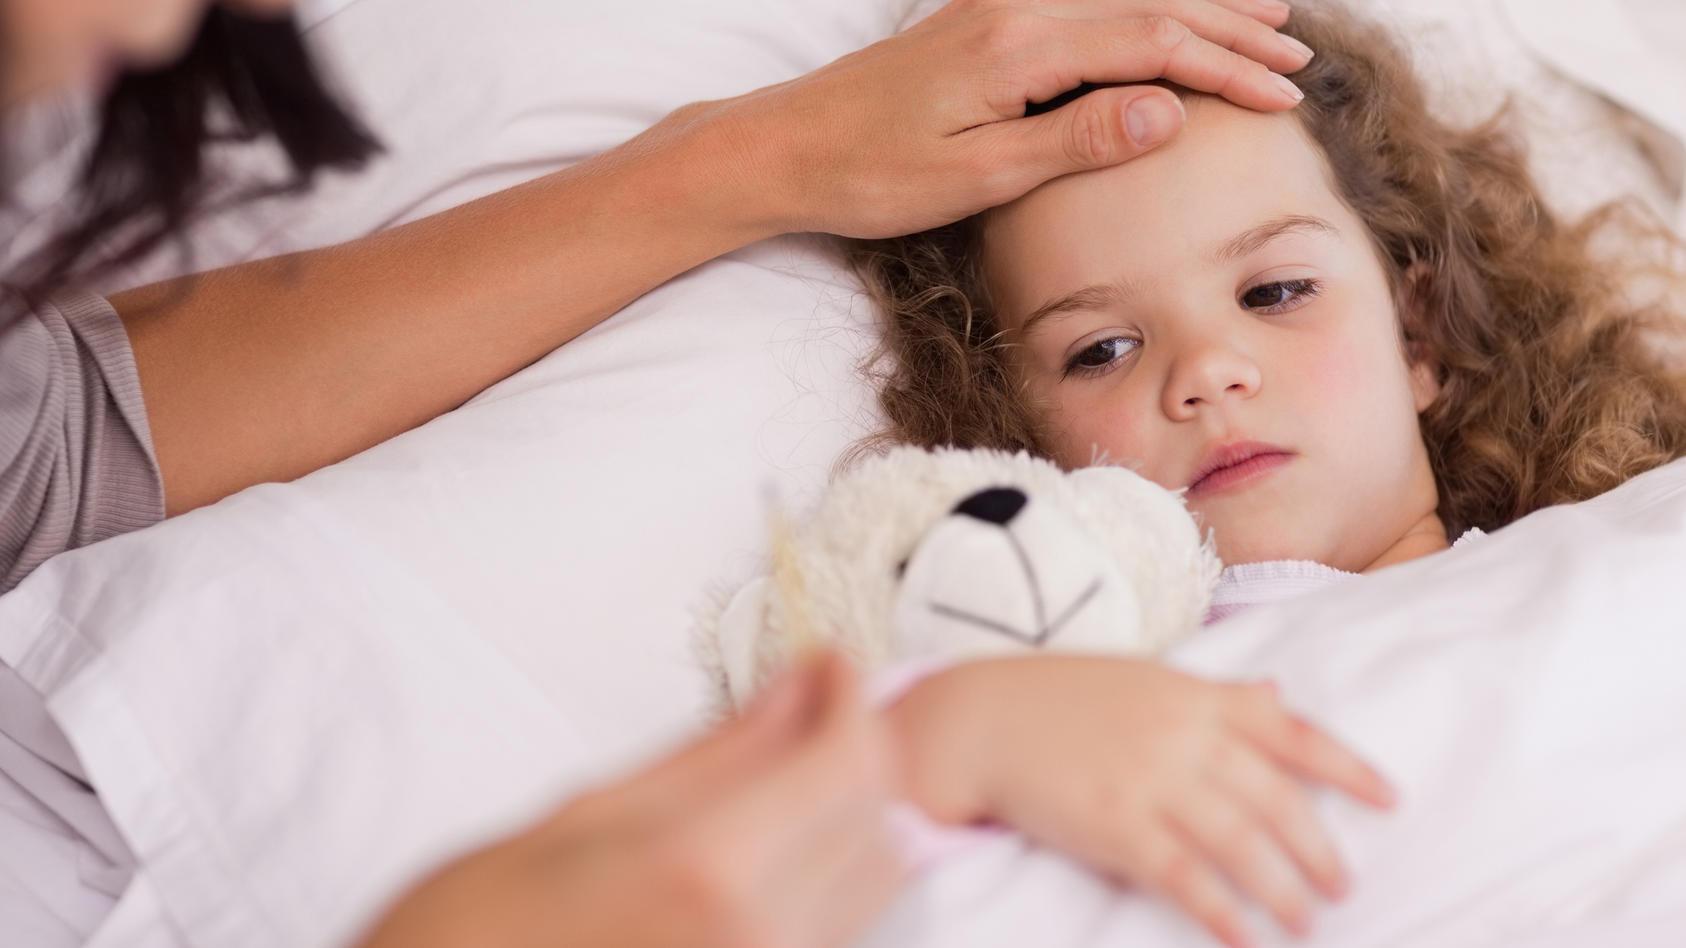 Bei einem Magen-Darm Infekt sollten Kinder viel trinken und sich ausruhen.